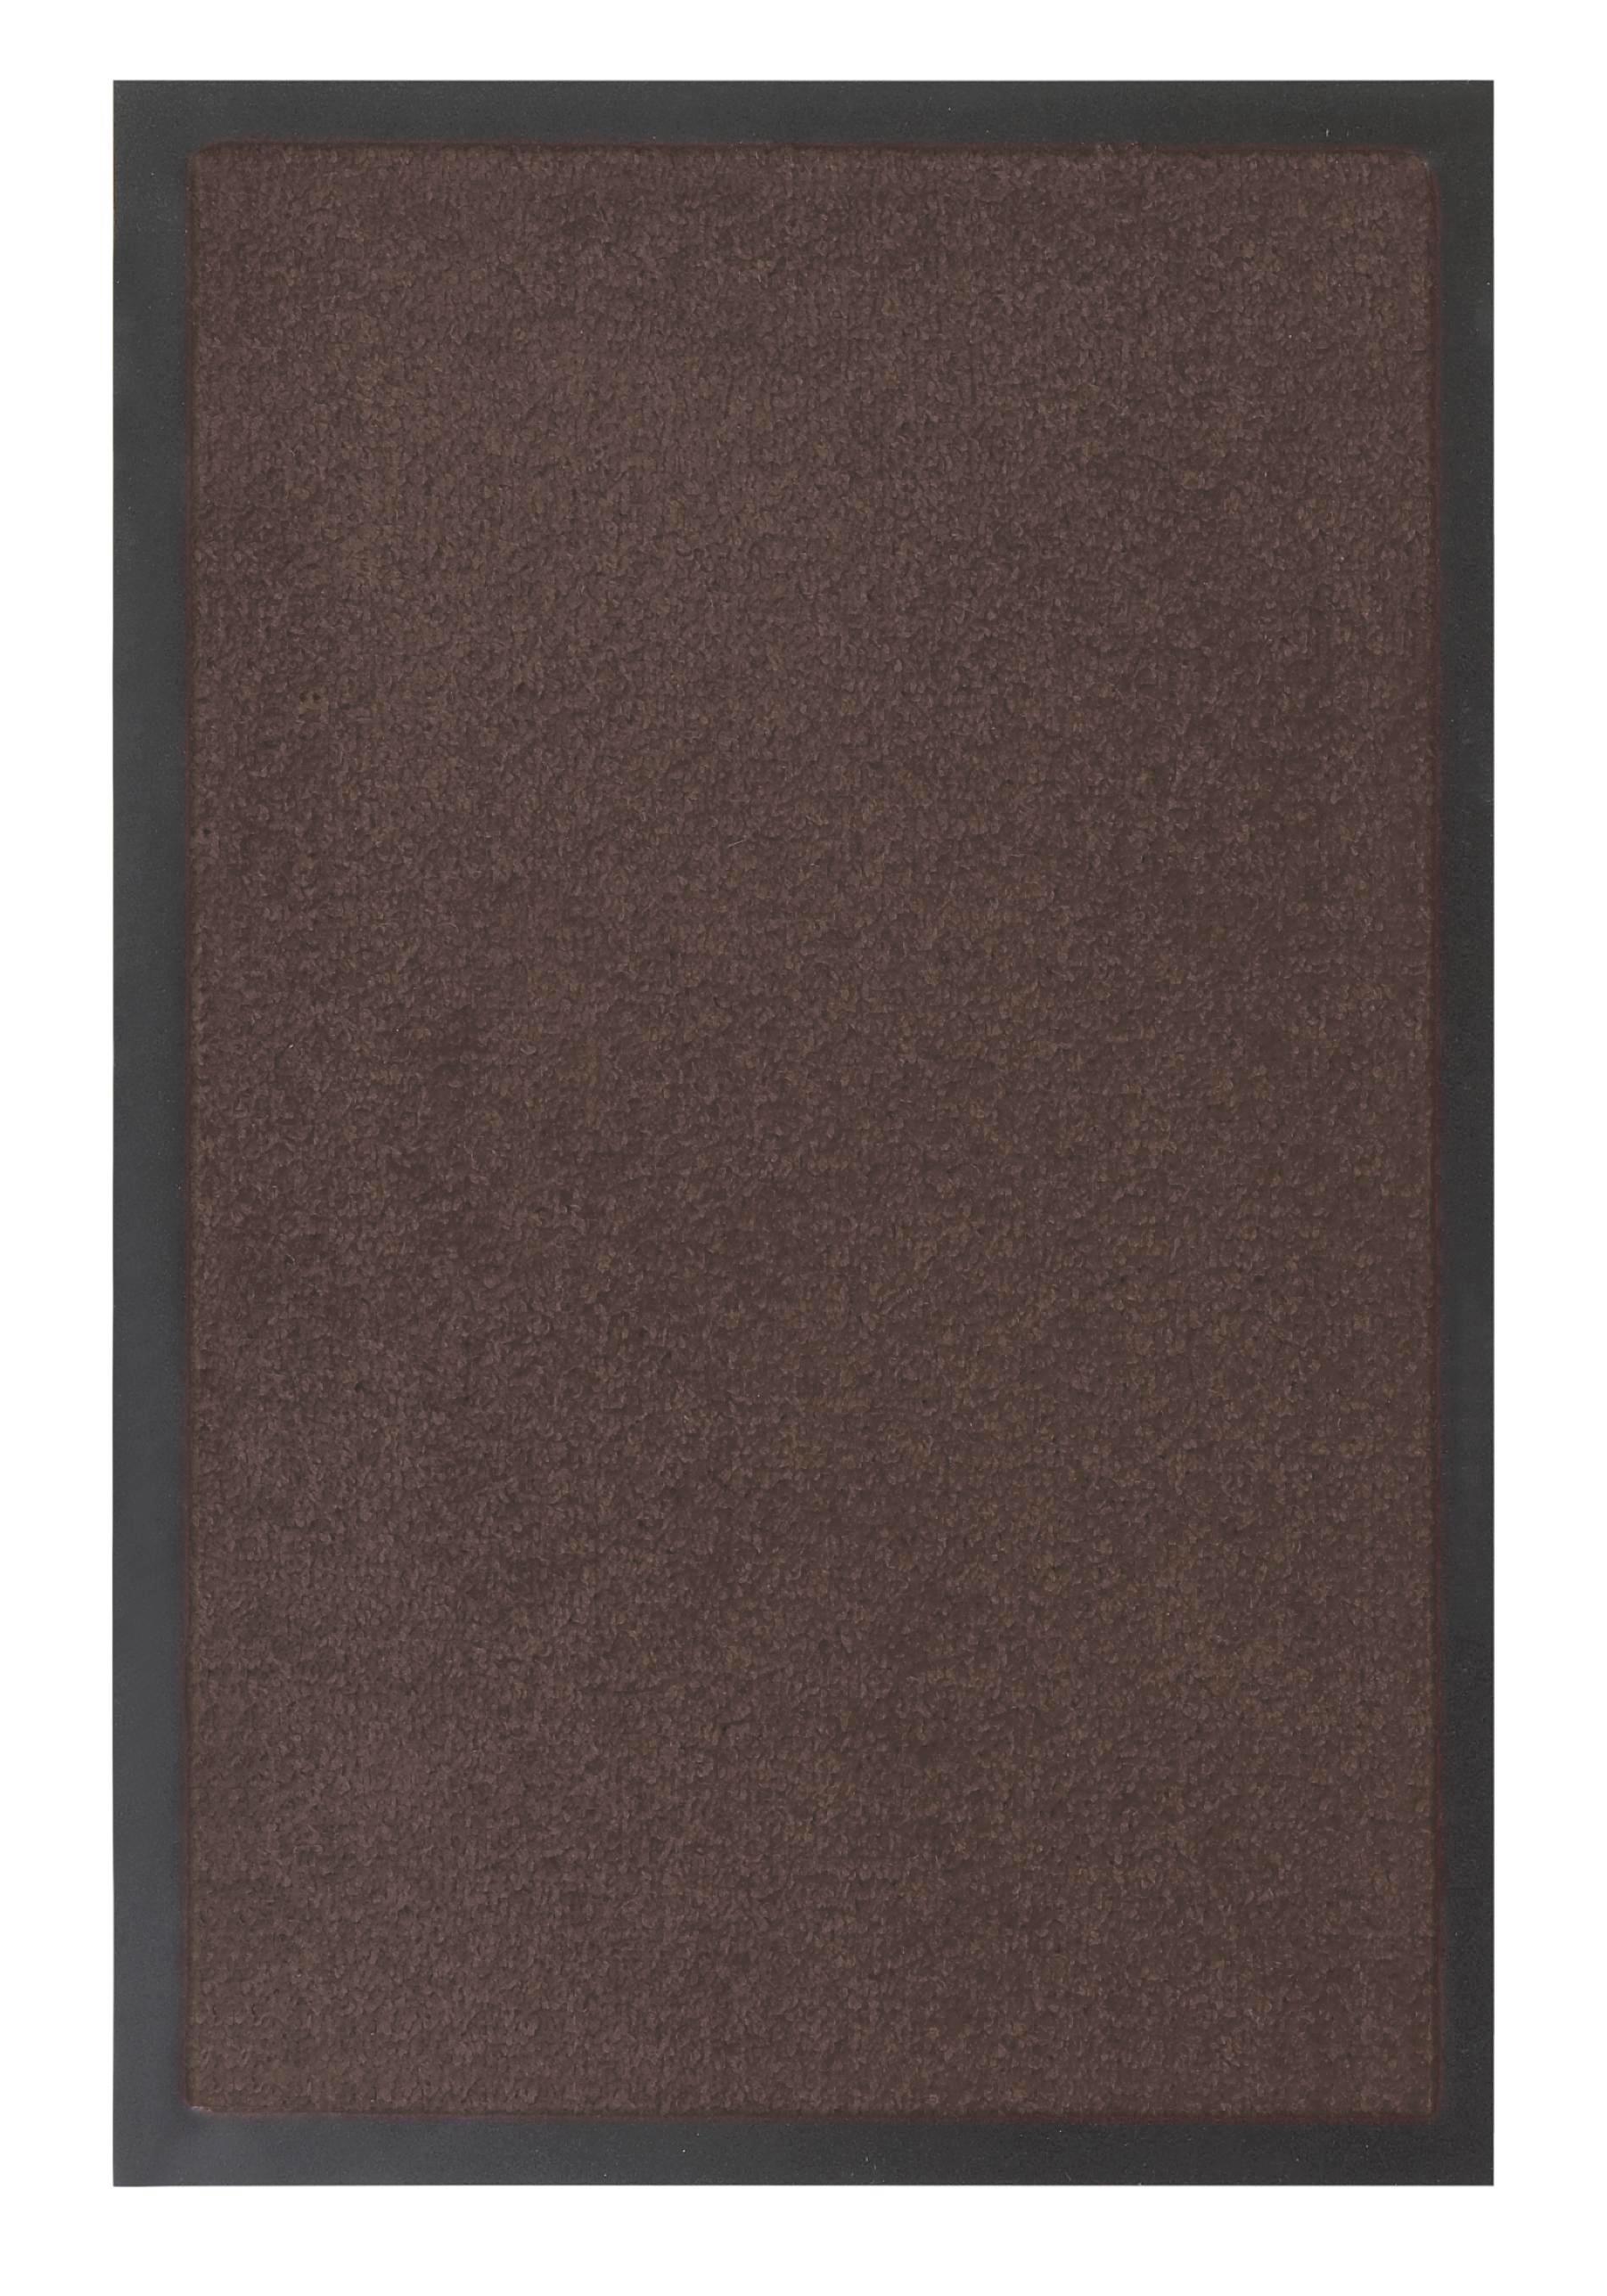 Fußmatte Eton in Braun, ca. 80x120cm - Braun, LIFESTYLE, Textil (80/120cm) - MÖMAX modern living